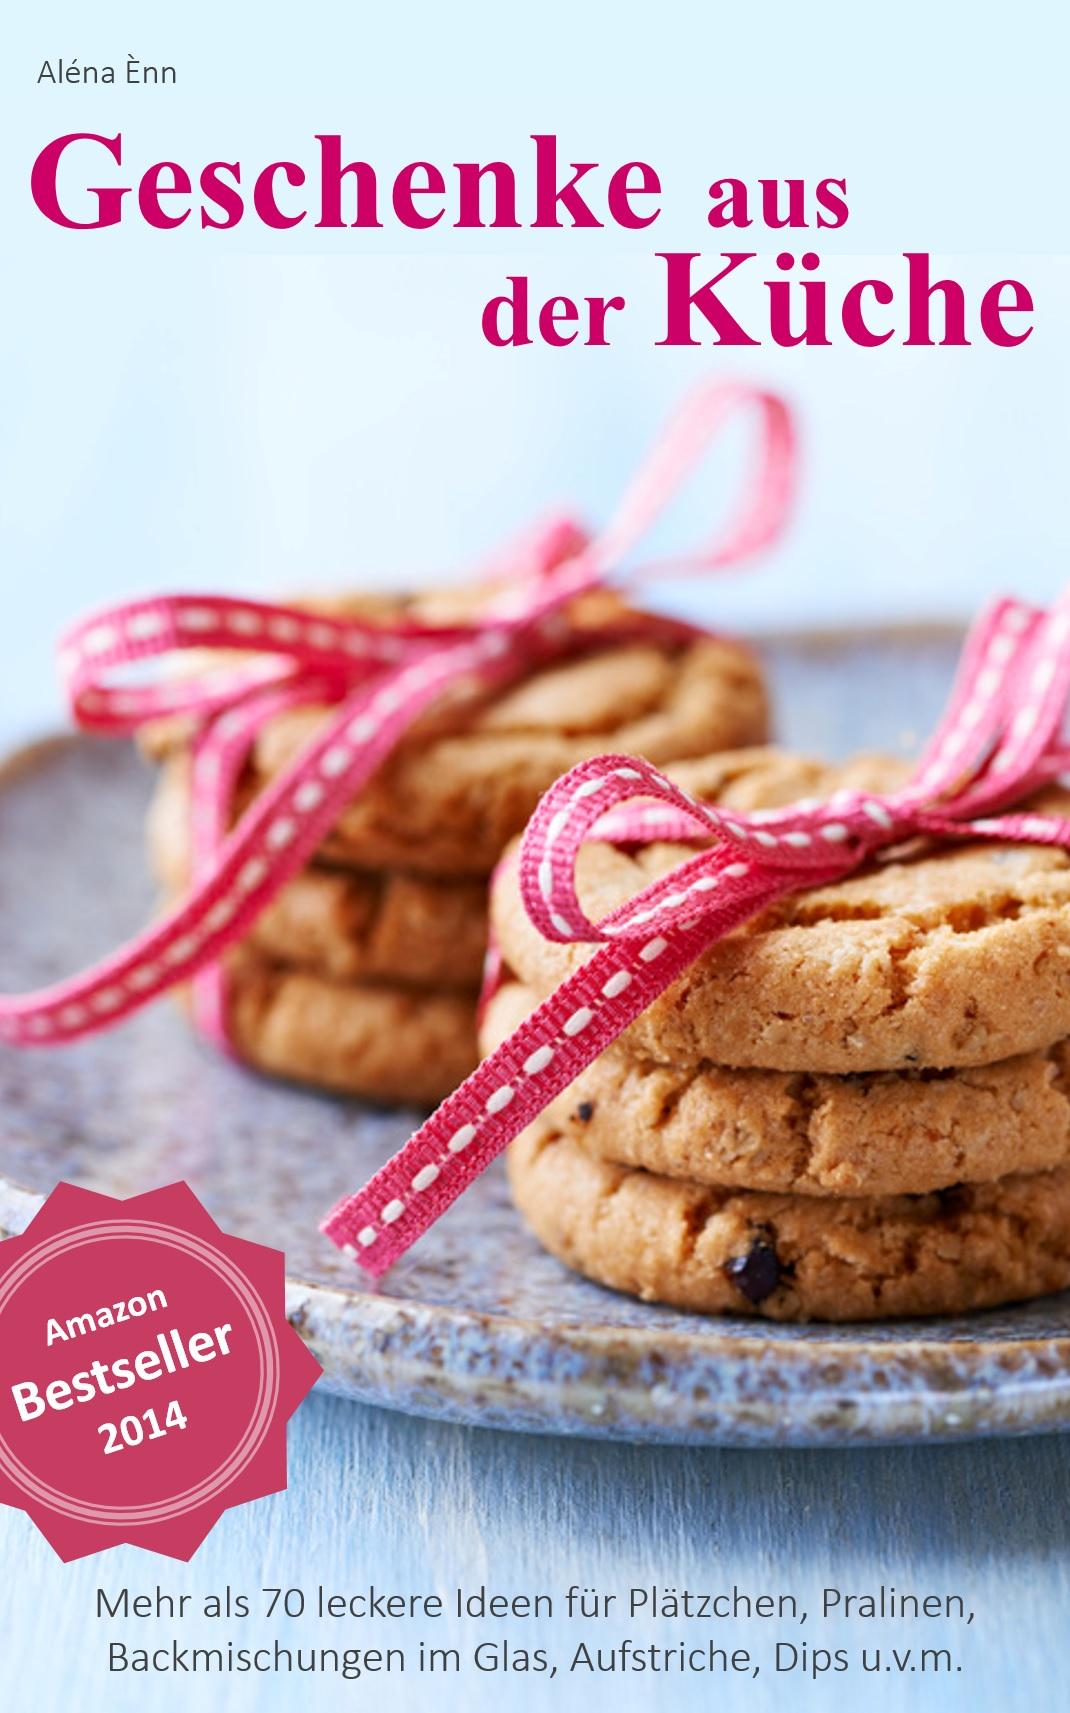 GRATIS: Super Backbücher – Weihnachten kann kommen!